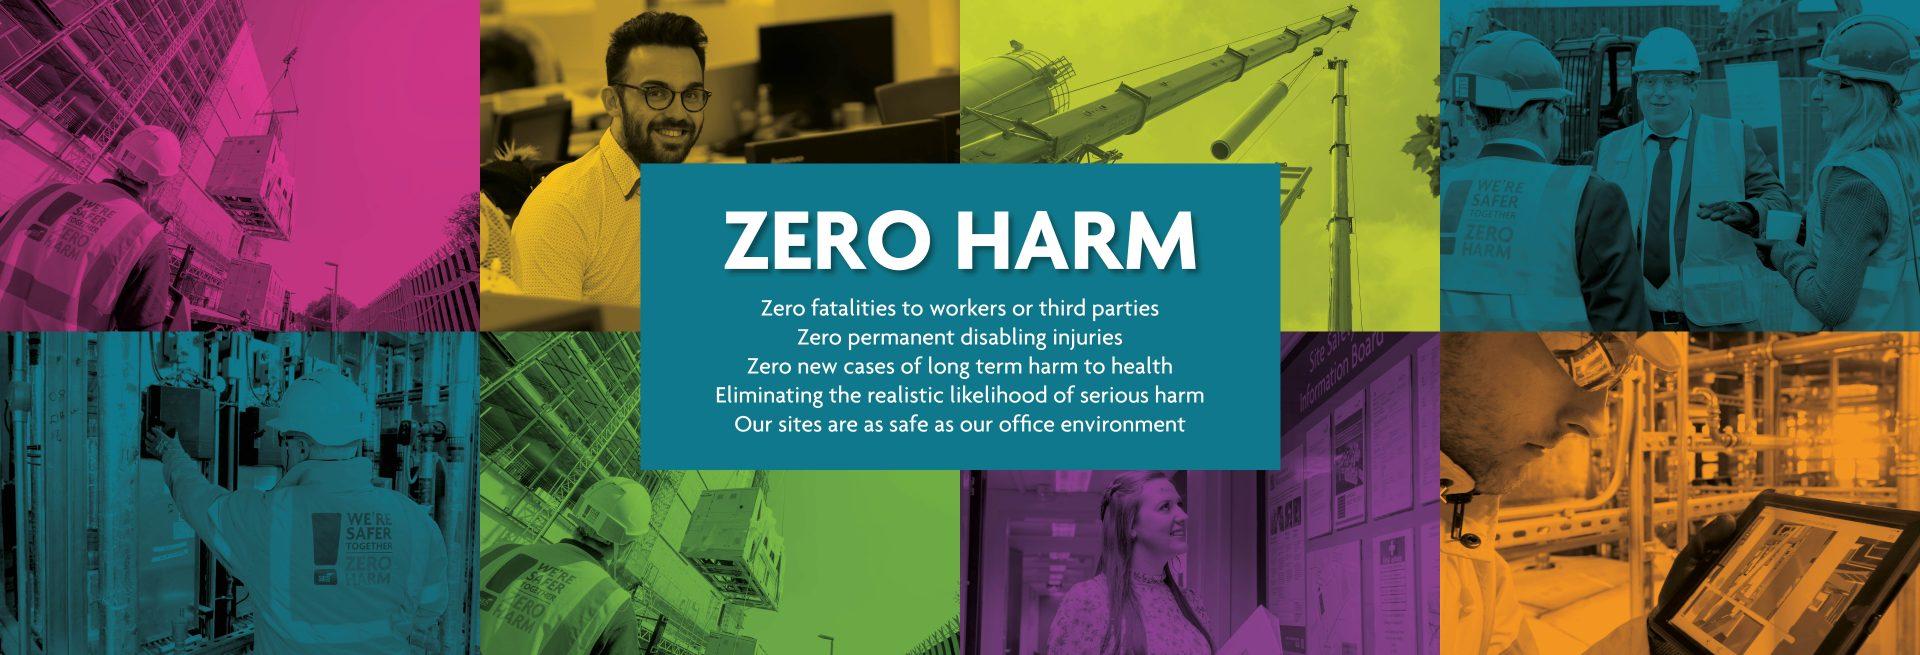 Zero Harm Header Image